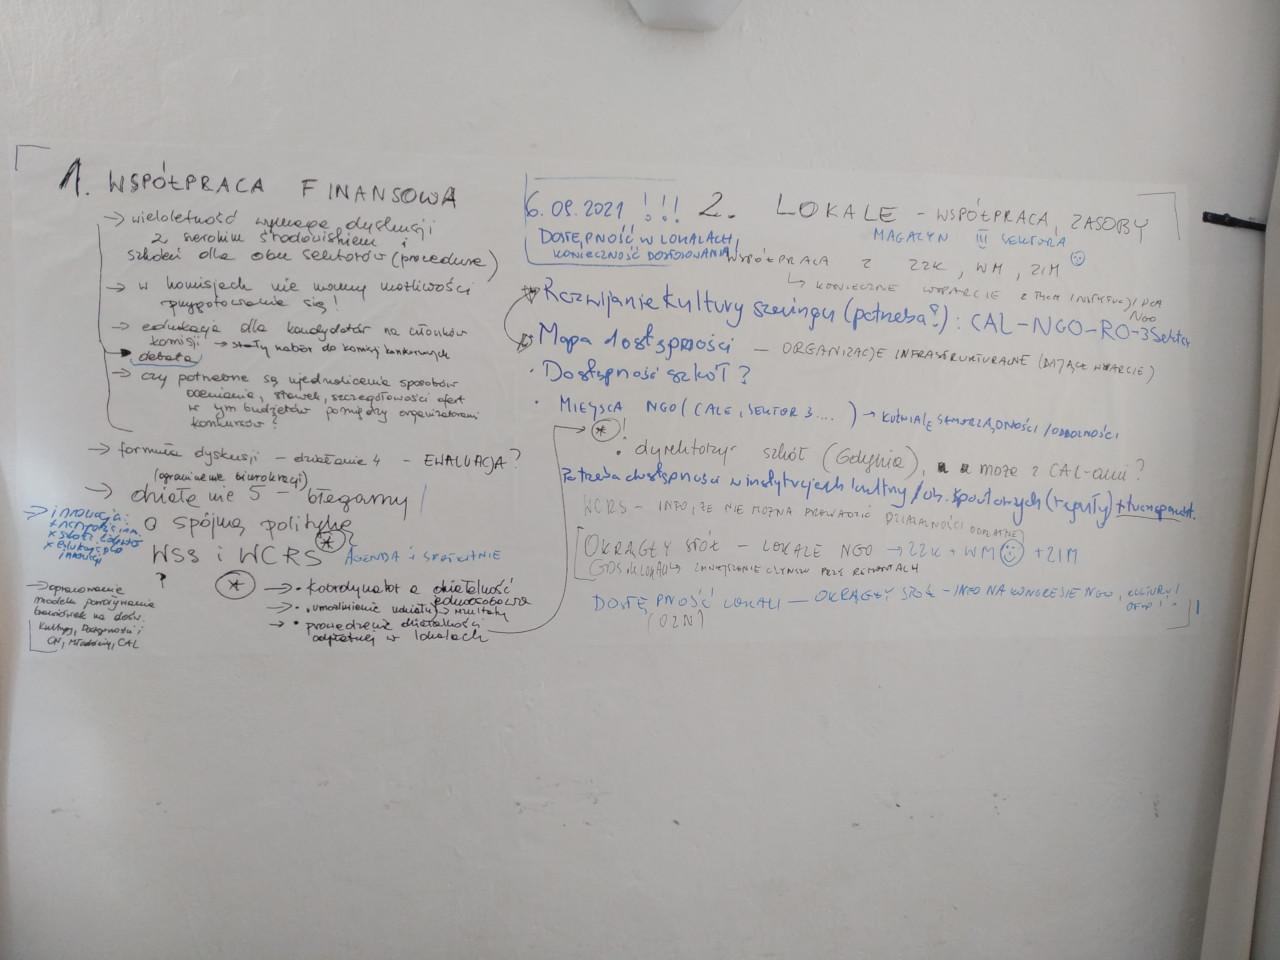 Ewaluacja - plansza z tekstem